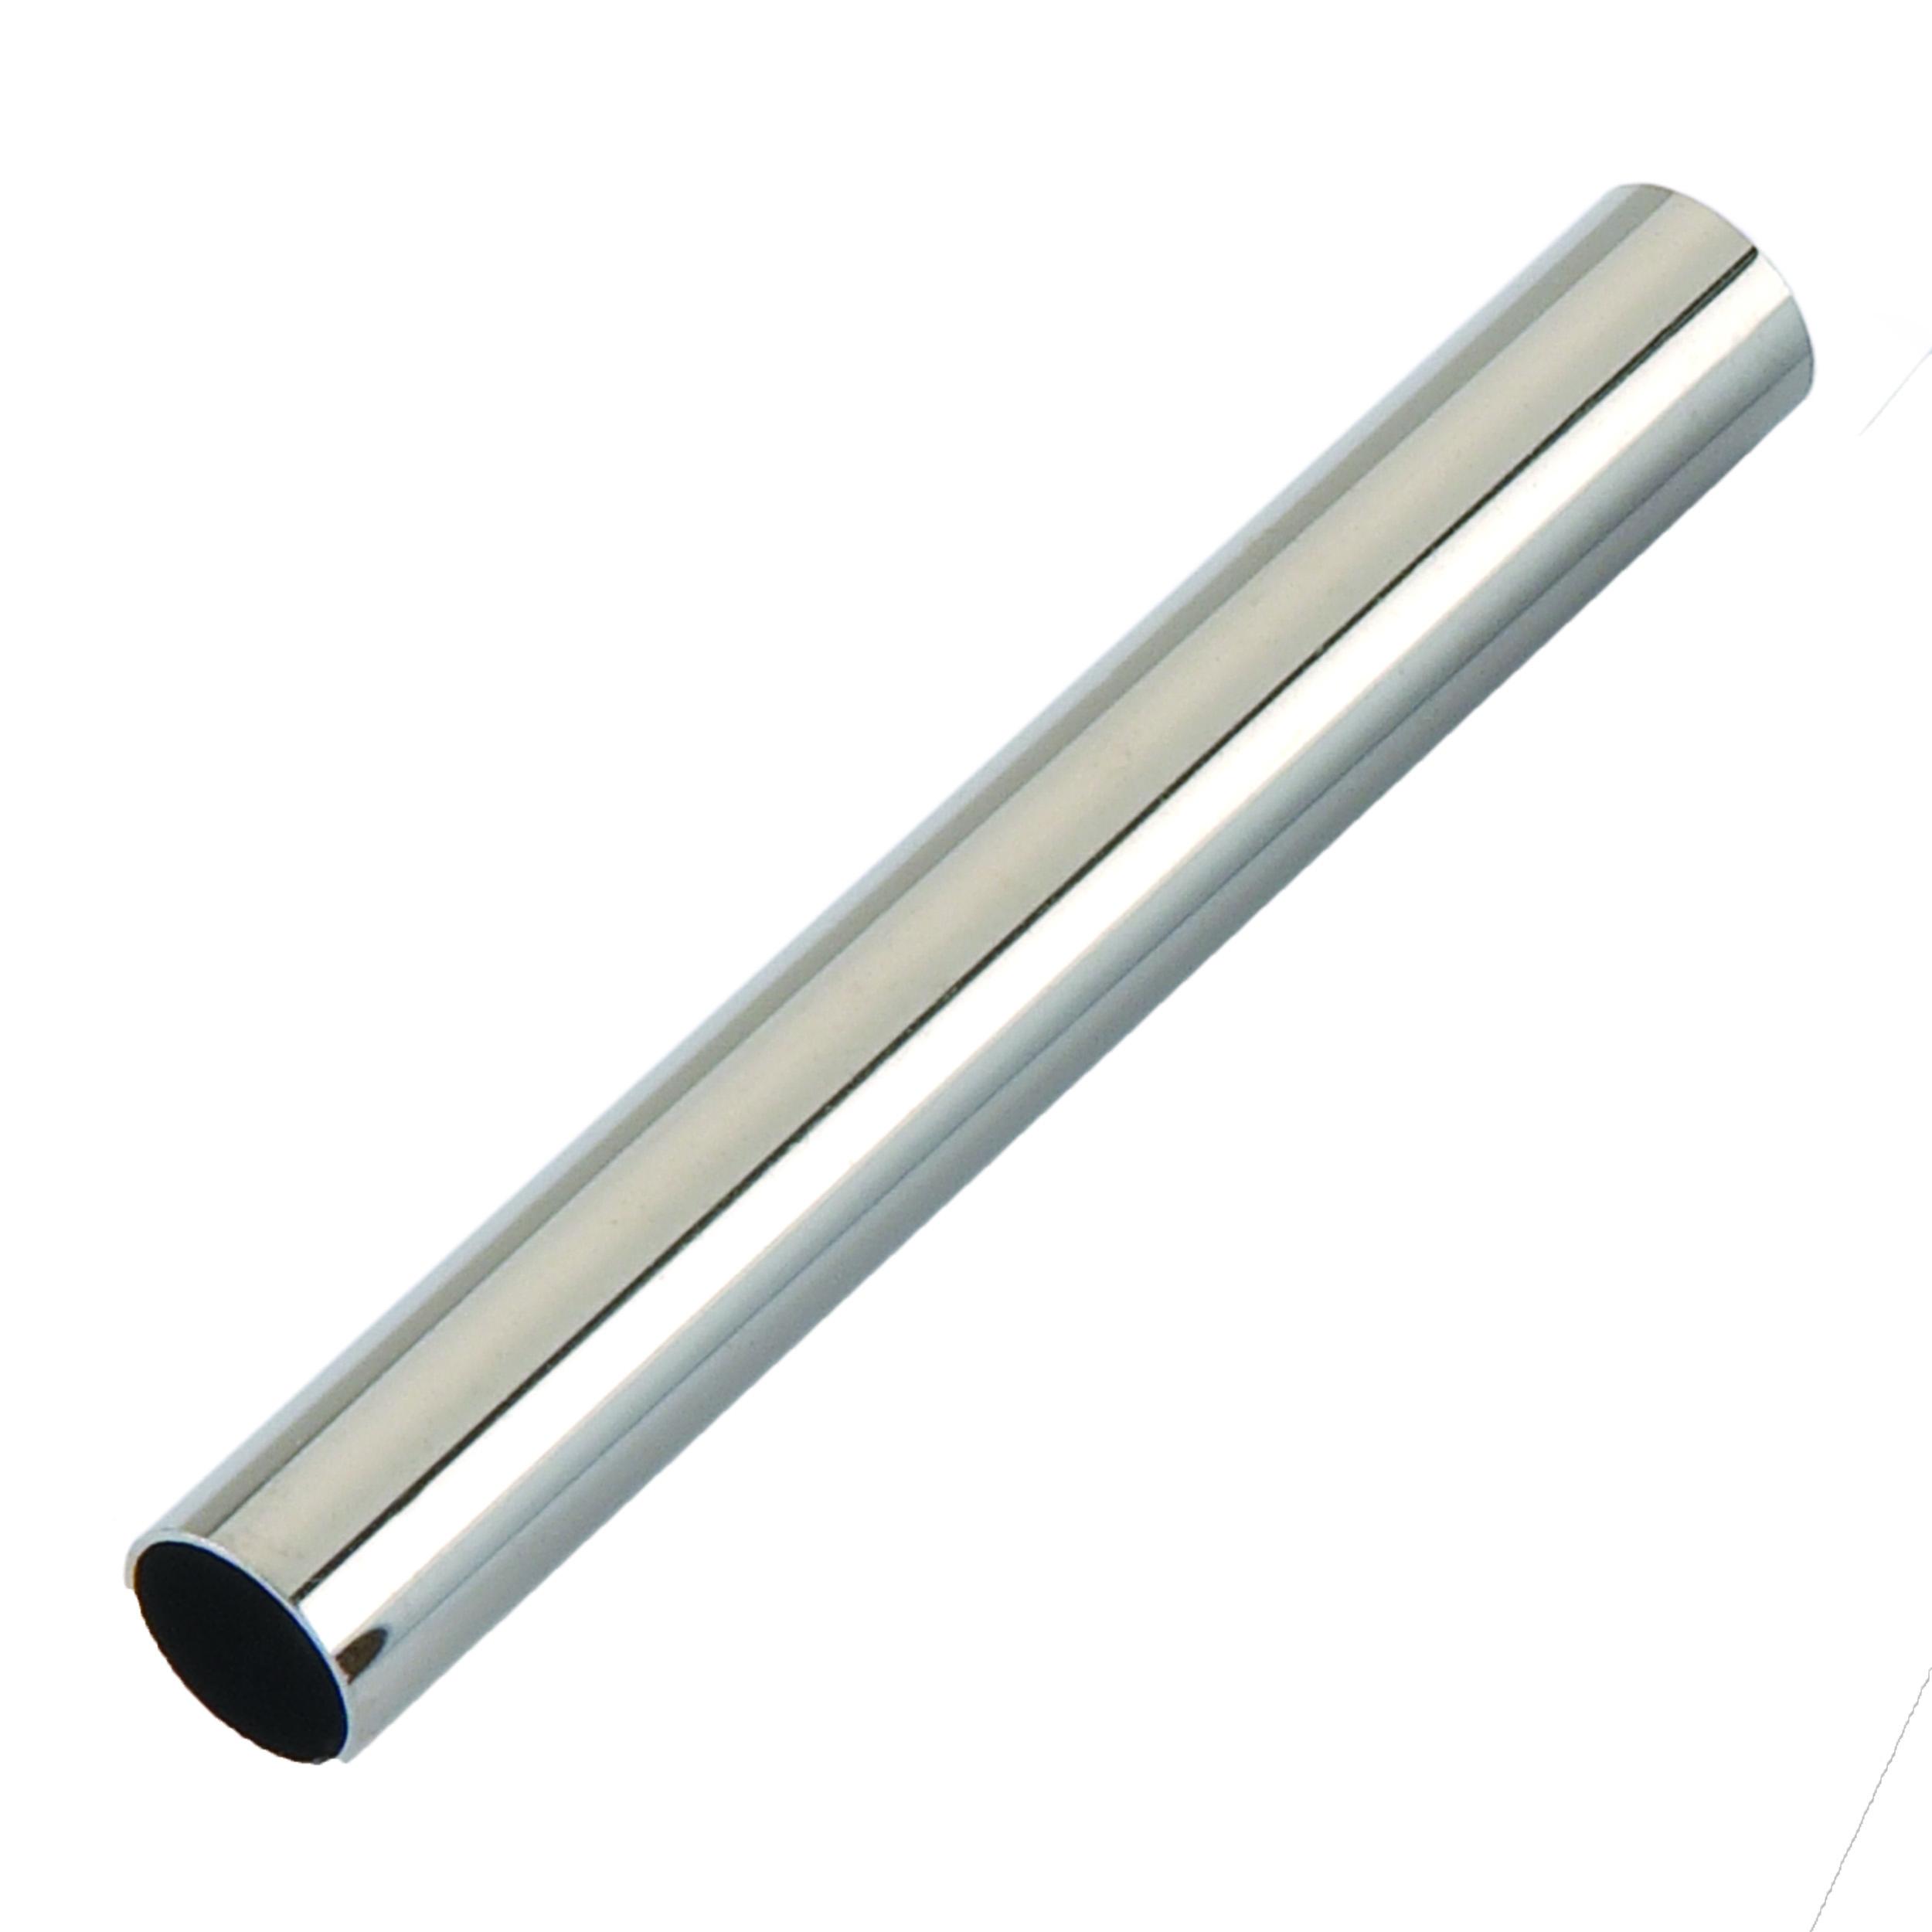 Slim Style Pen Bright Nickel Tubes 5 -Pair